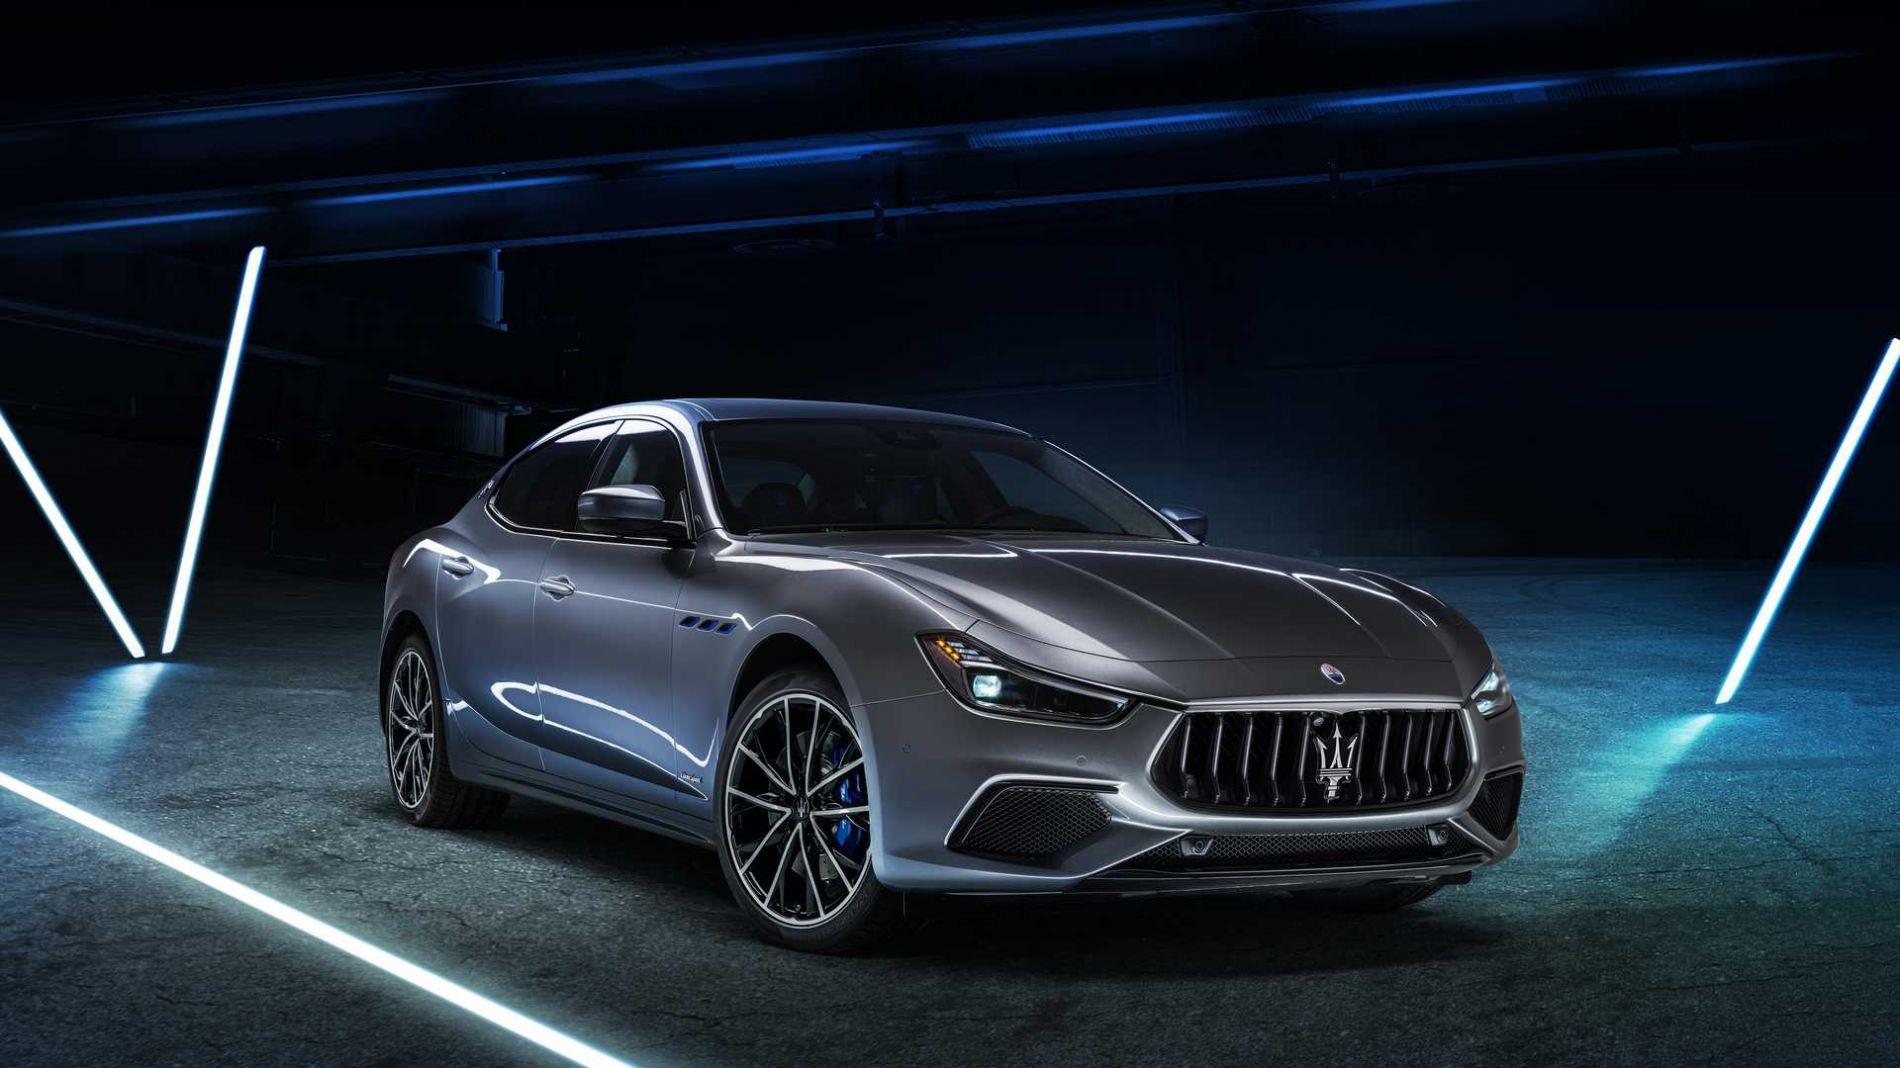 Maserati-იმ Hybrid-ის წარმოებას მიჰყო ხელი.